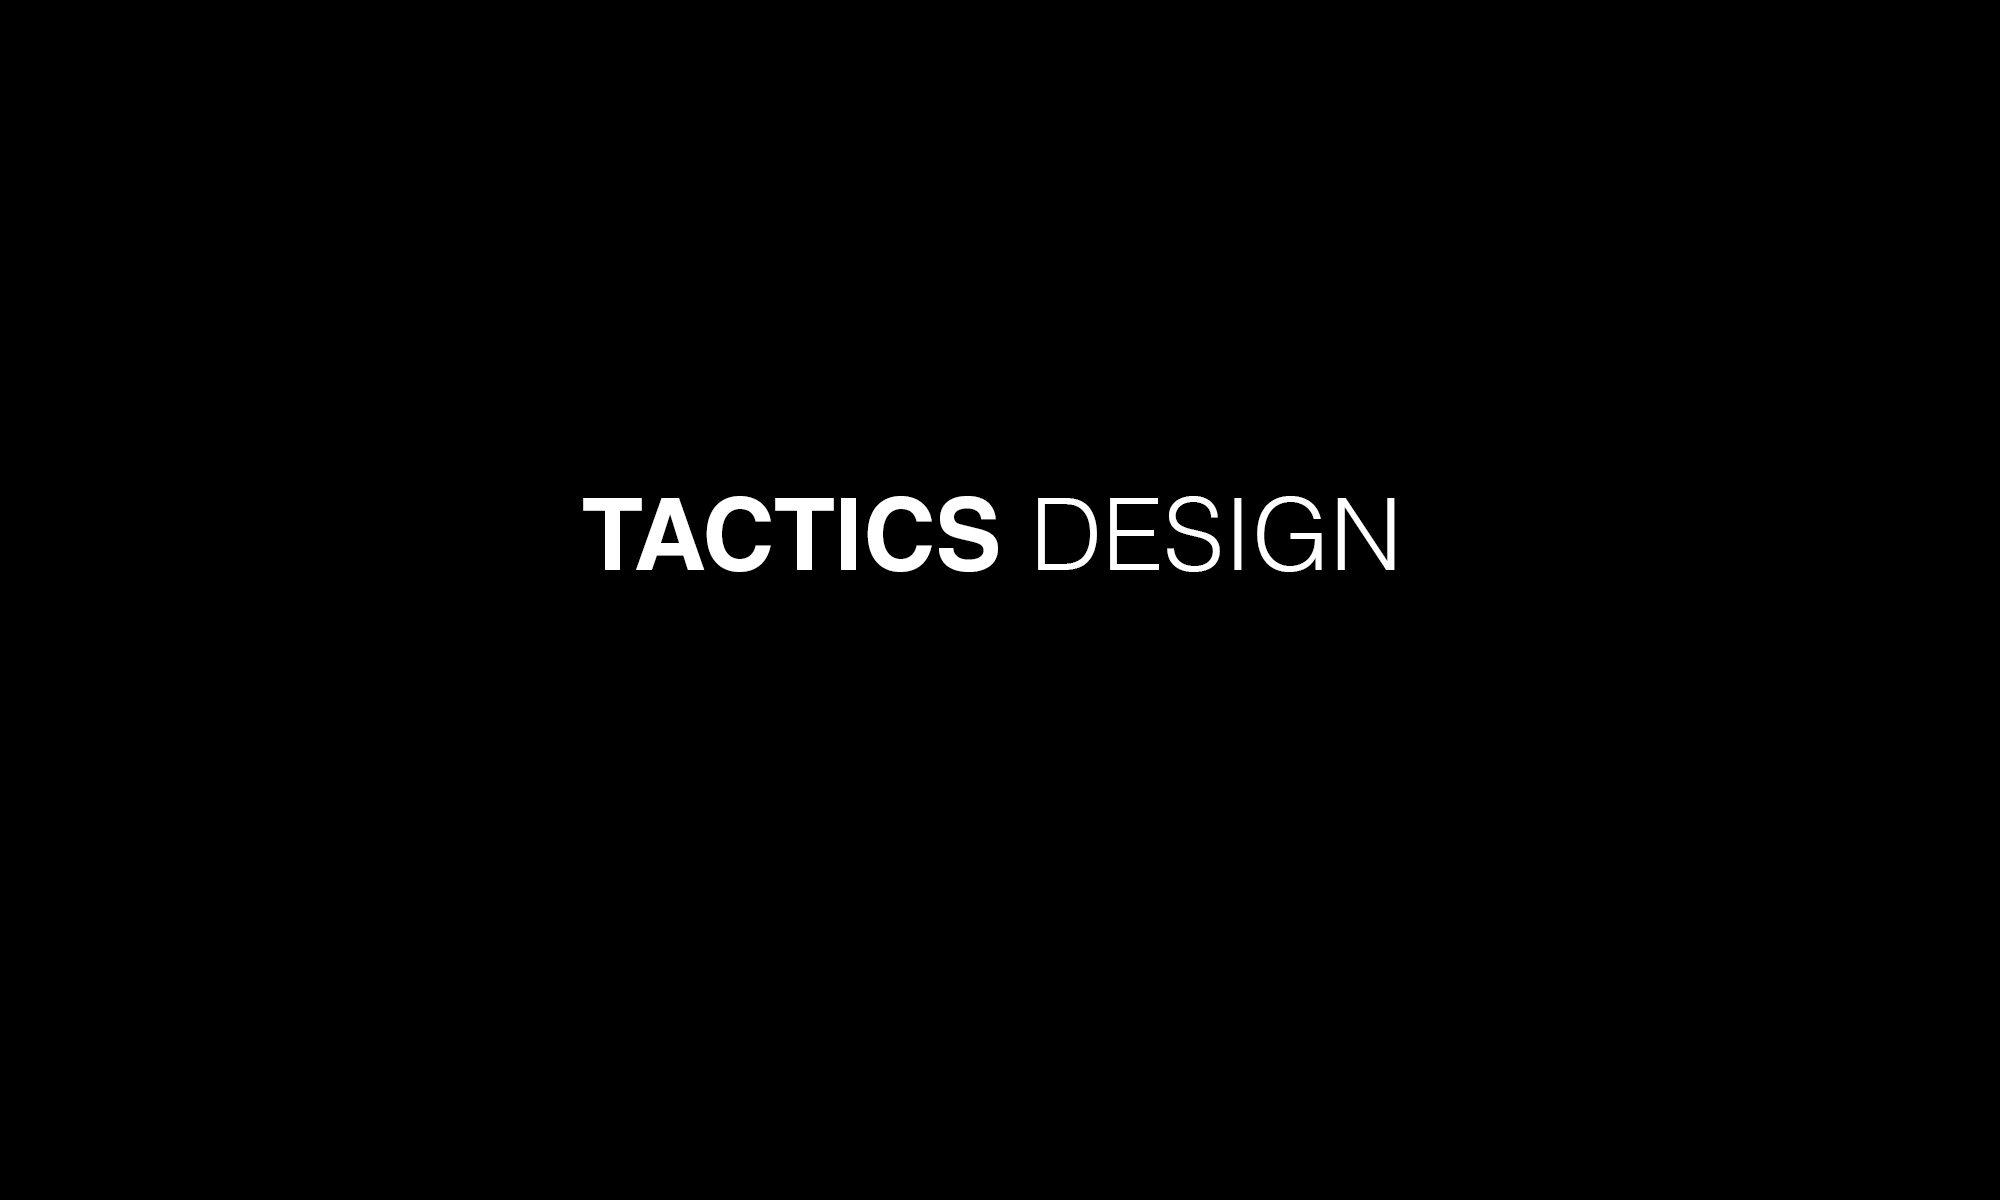 TACTICS DESIGN